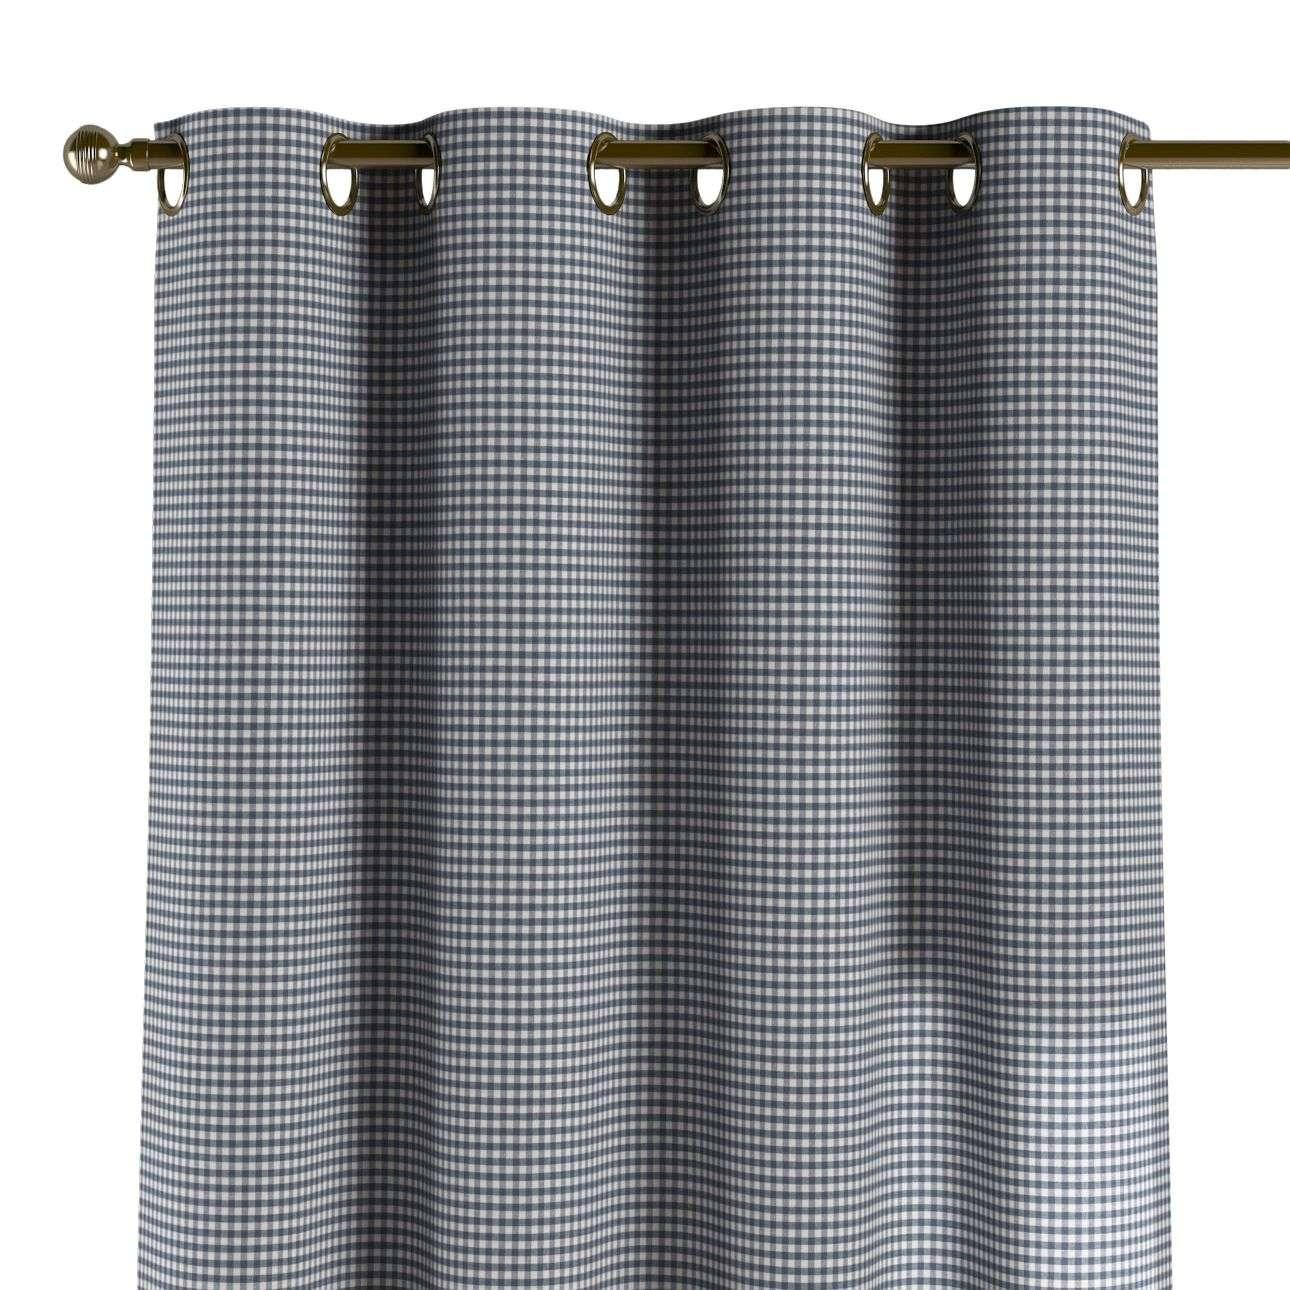 Závěs na kroužcích 130 x 260 cm v kolekci Quadro, látka: 136-00